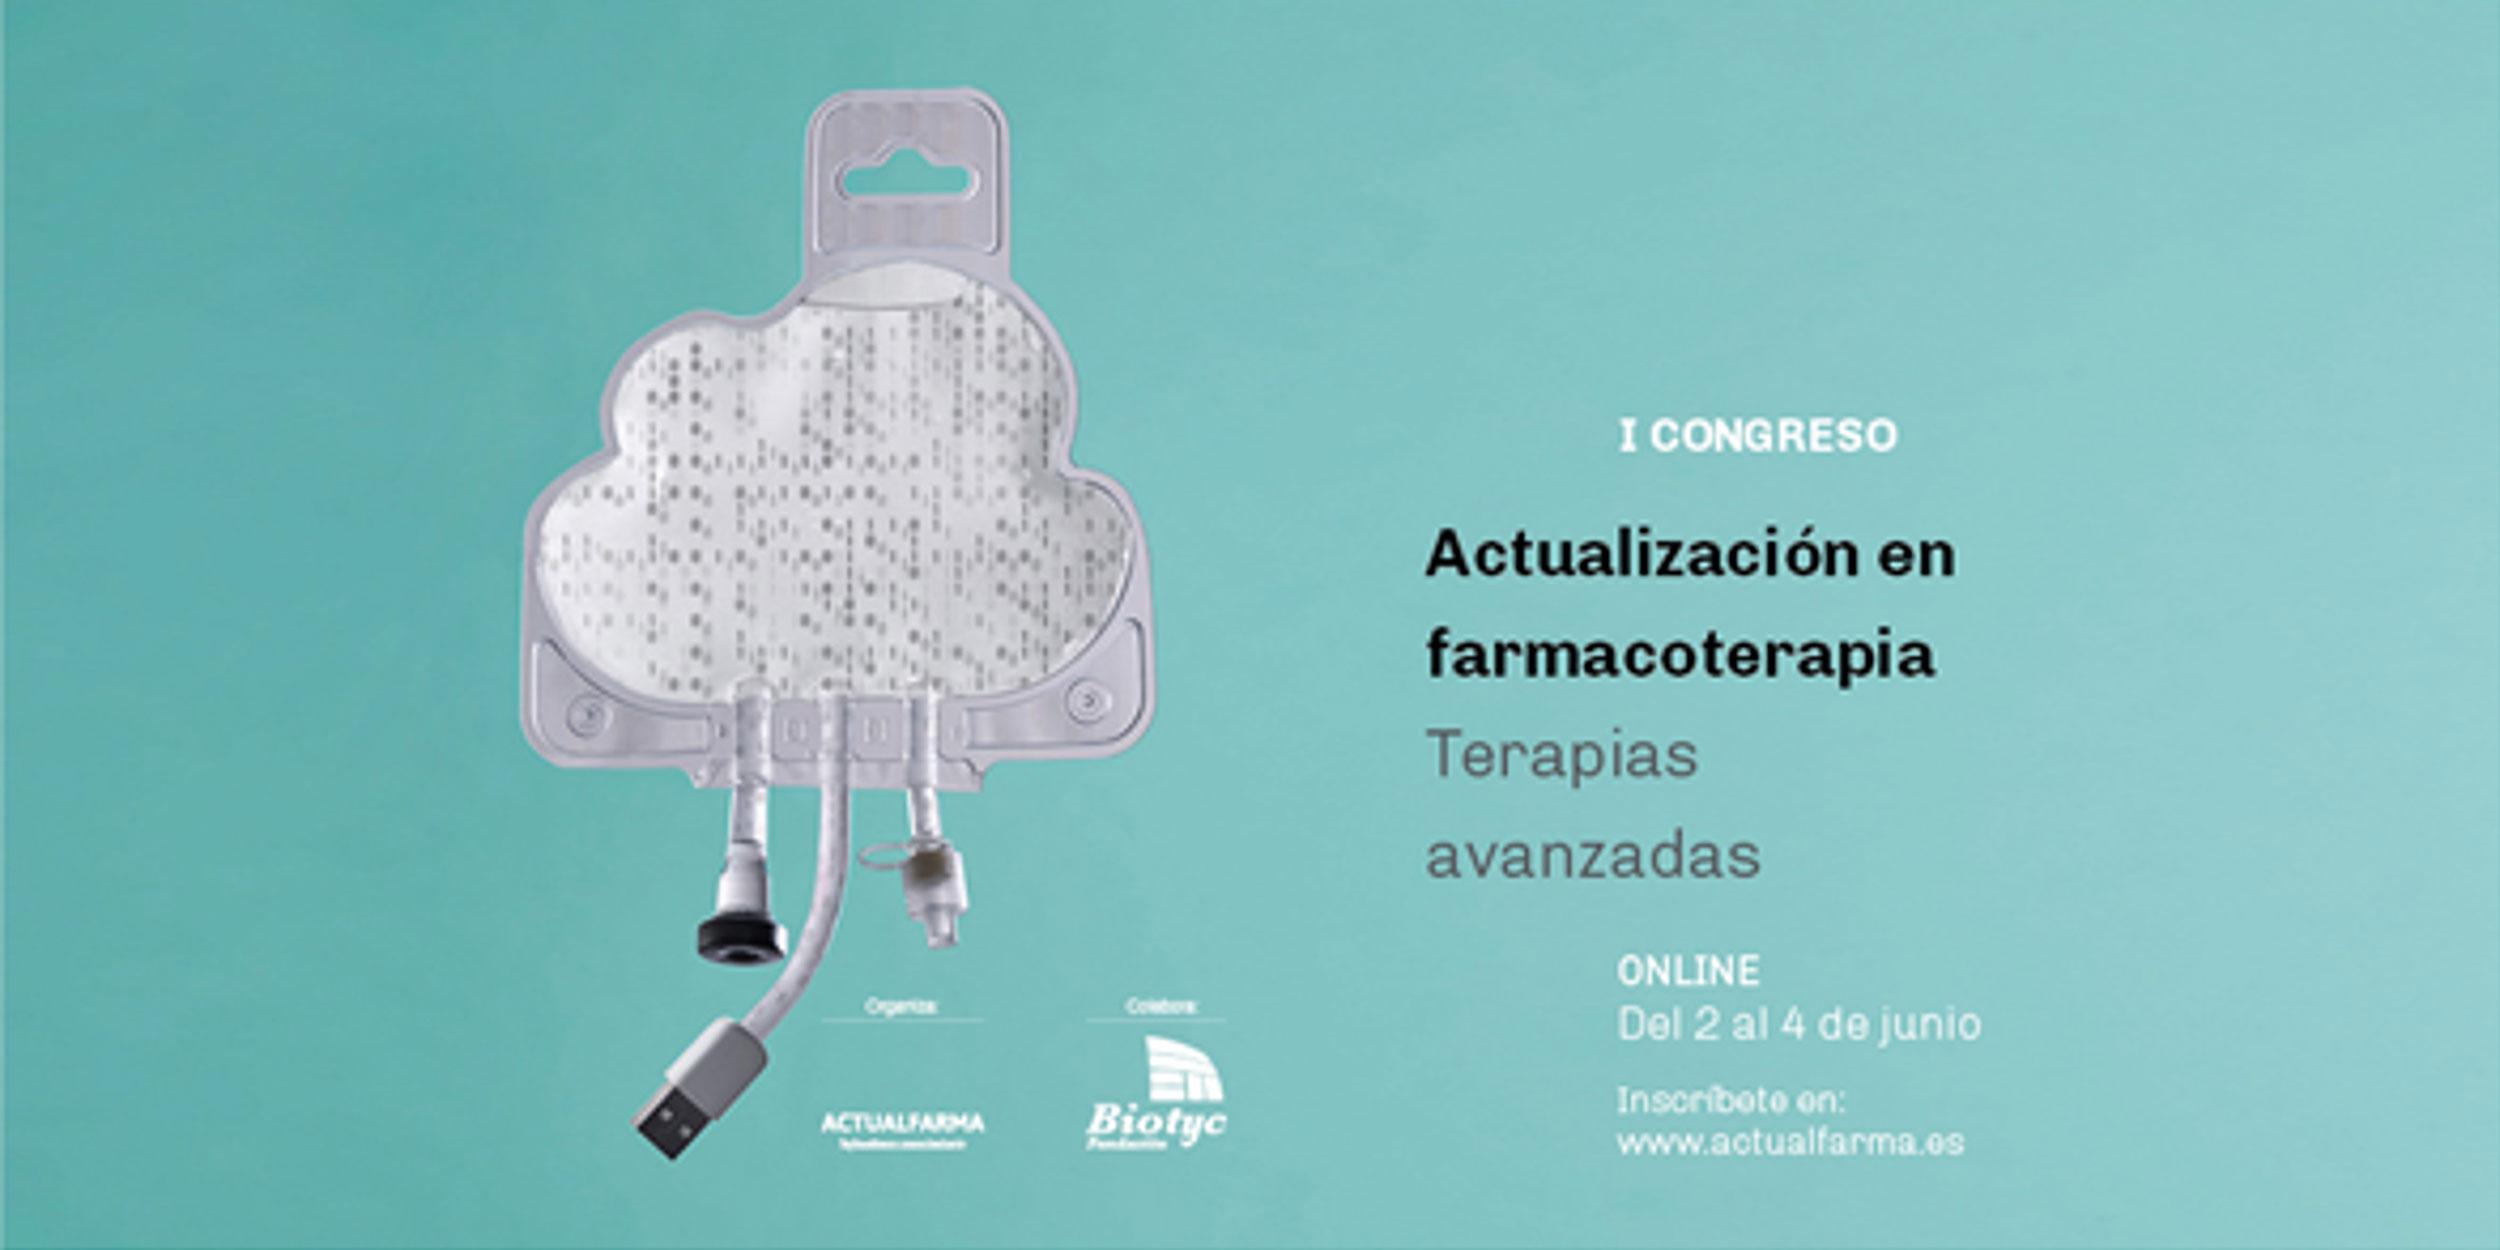 Comienza el congreso de Actualización en farmacológica y terapias avanzadas